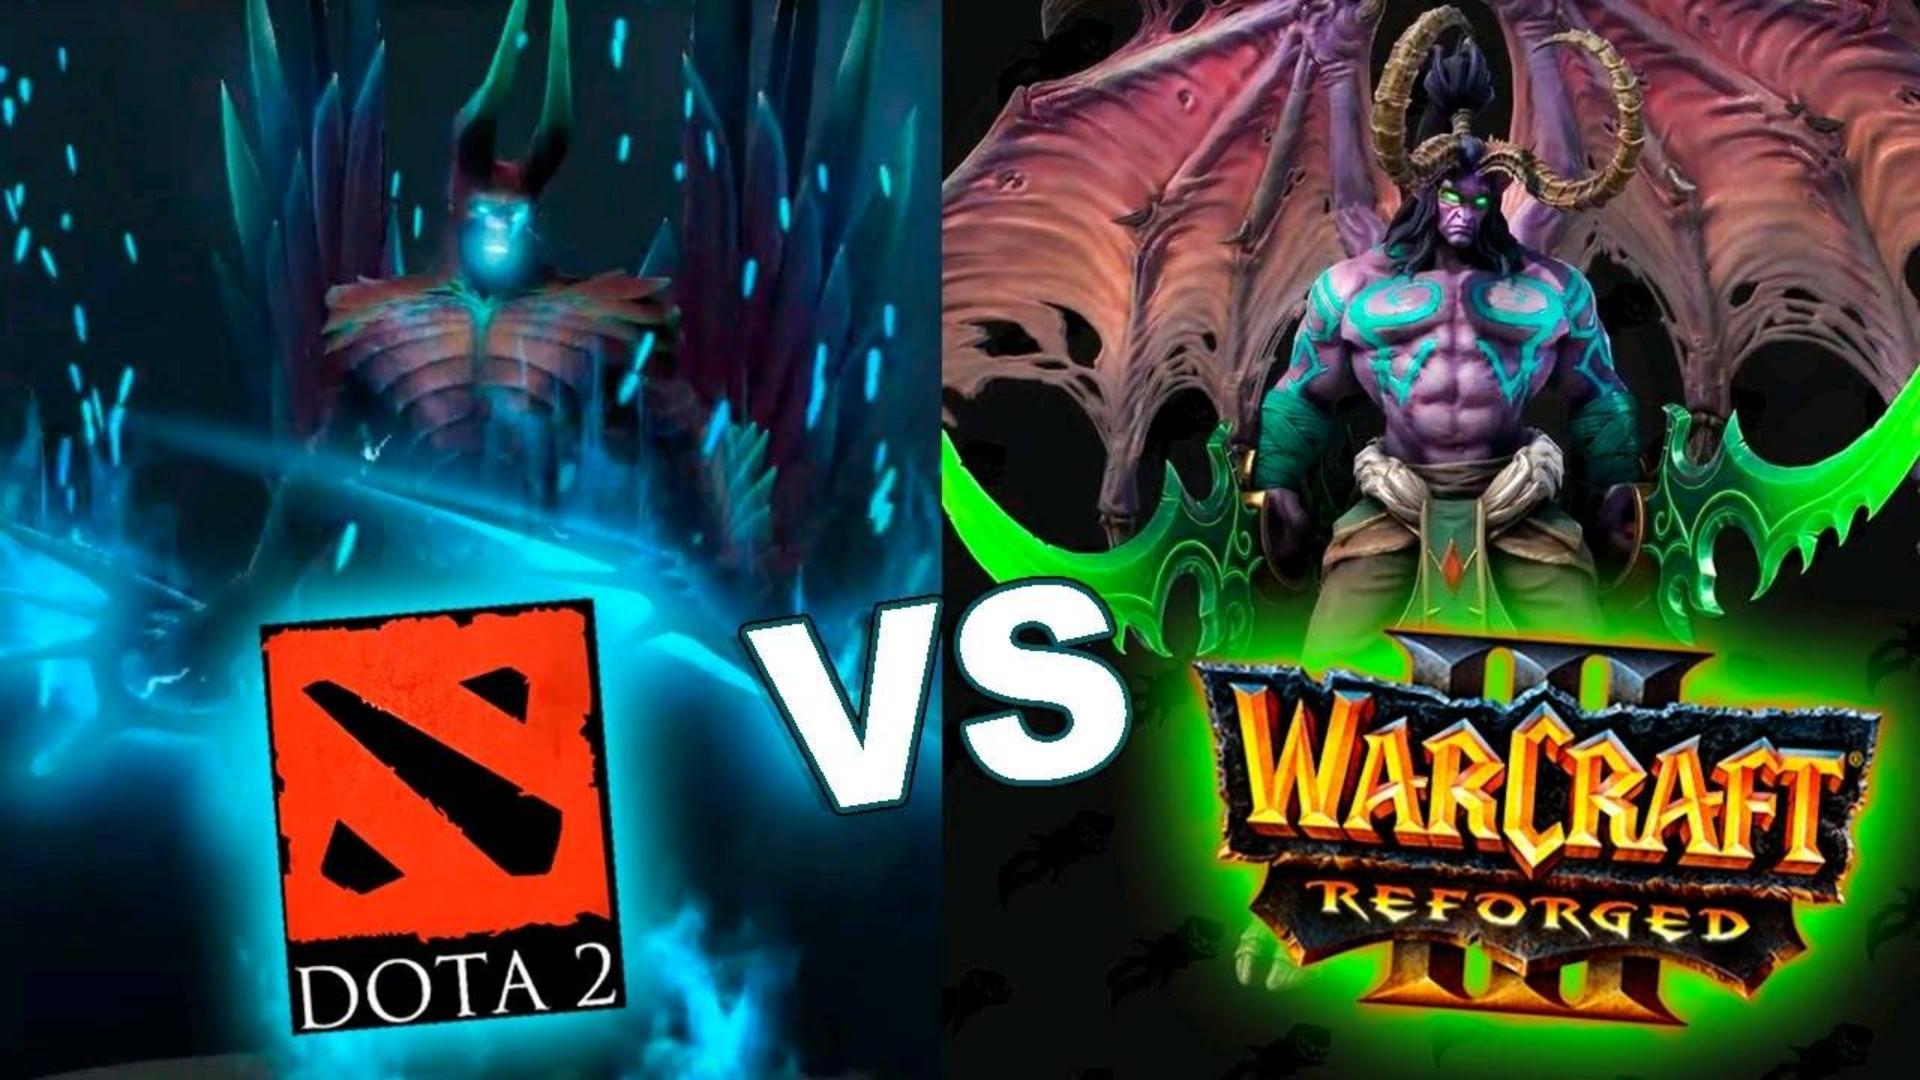 魔兽争霸3重置版人物模型 vs DOTA 2-英雄模型比较